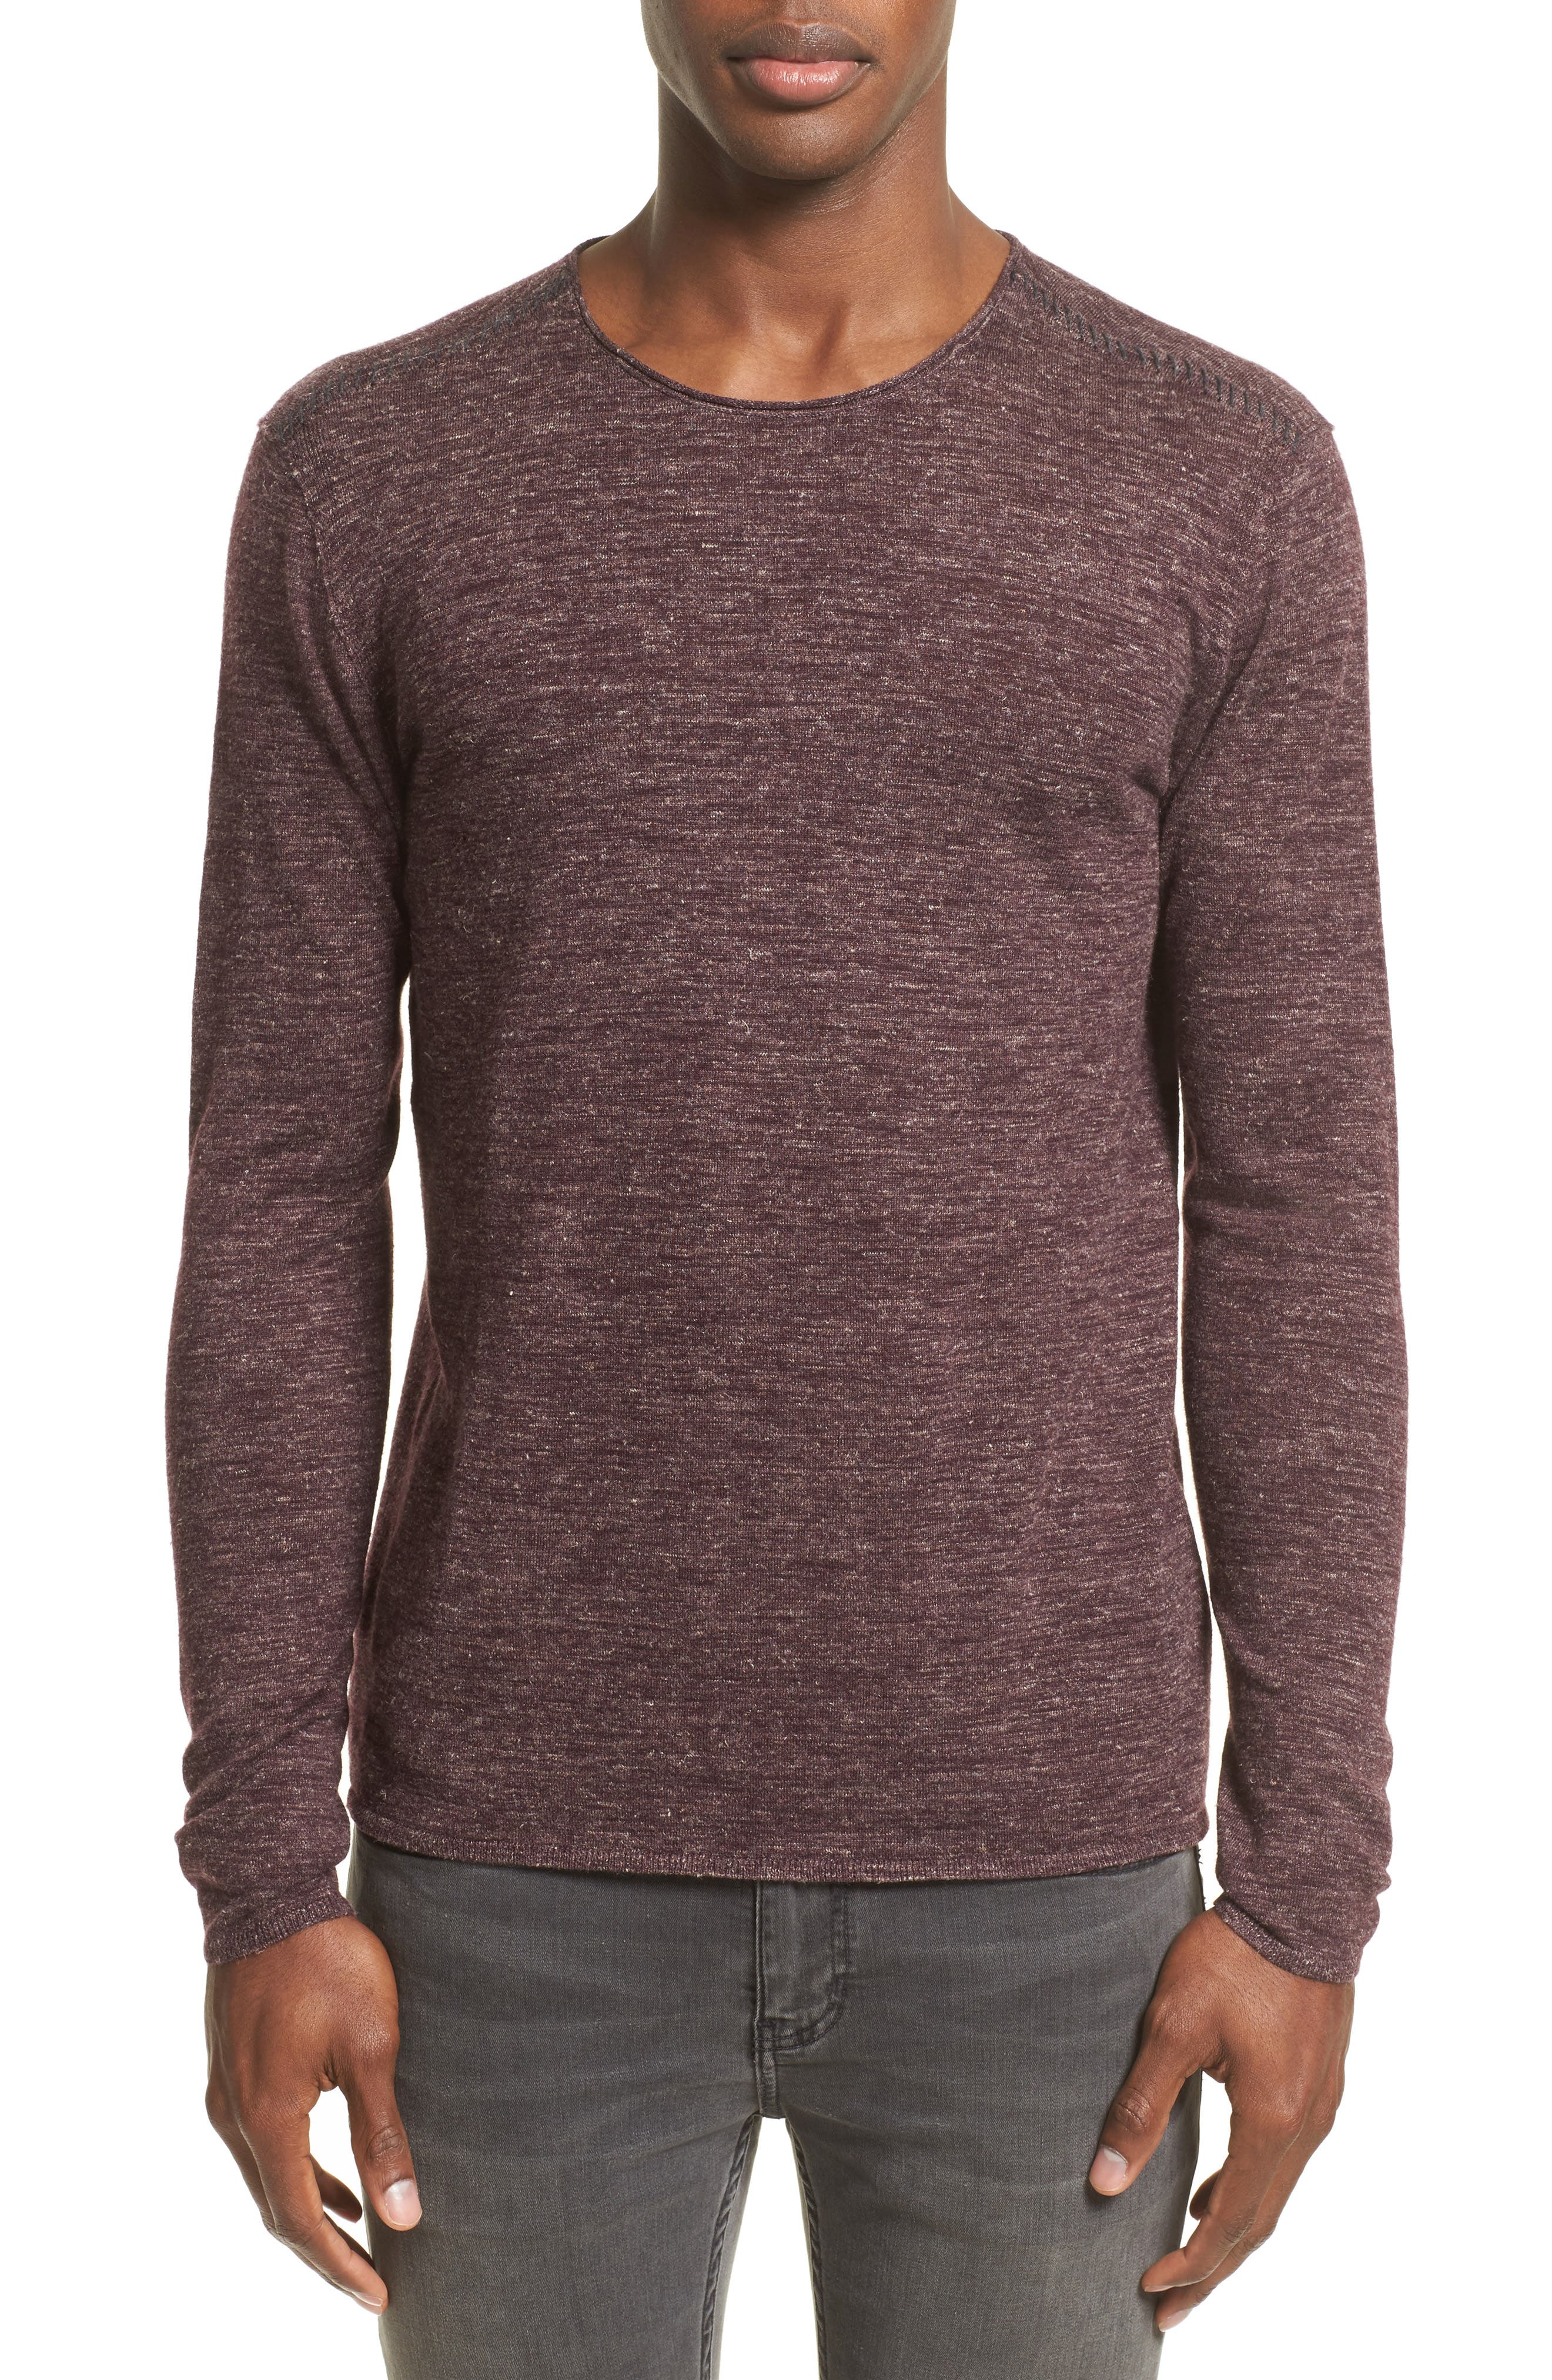 Alternate Image 1 Selected - John Varvatos Collection Heathered Crewneck Sweater